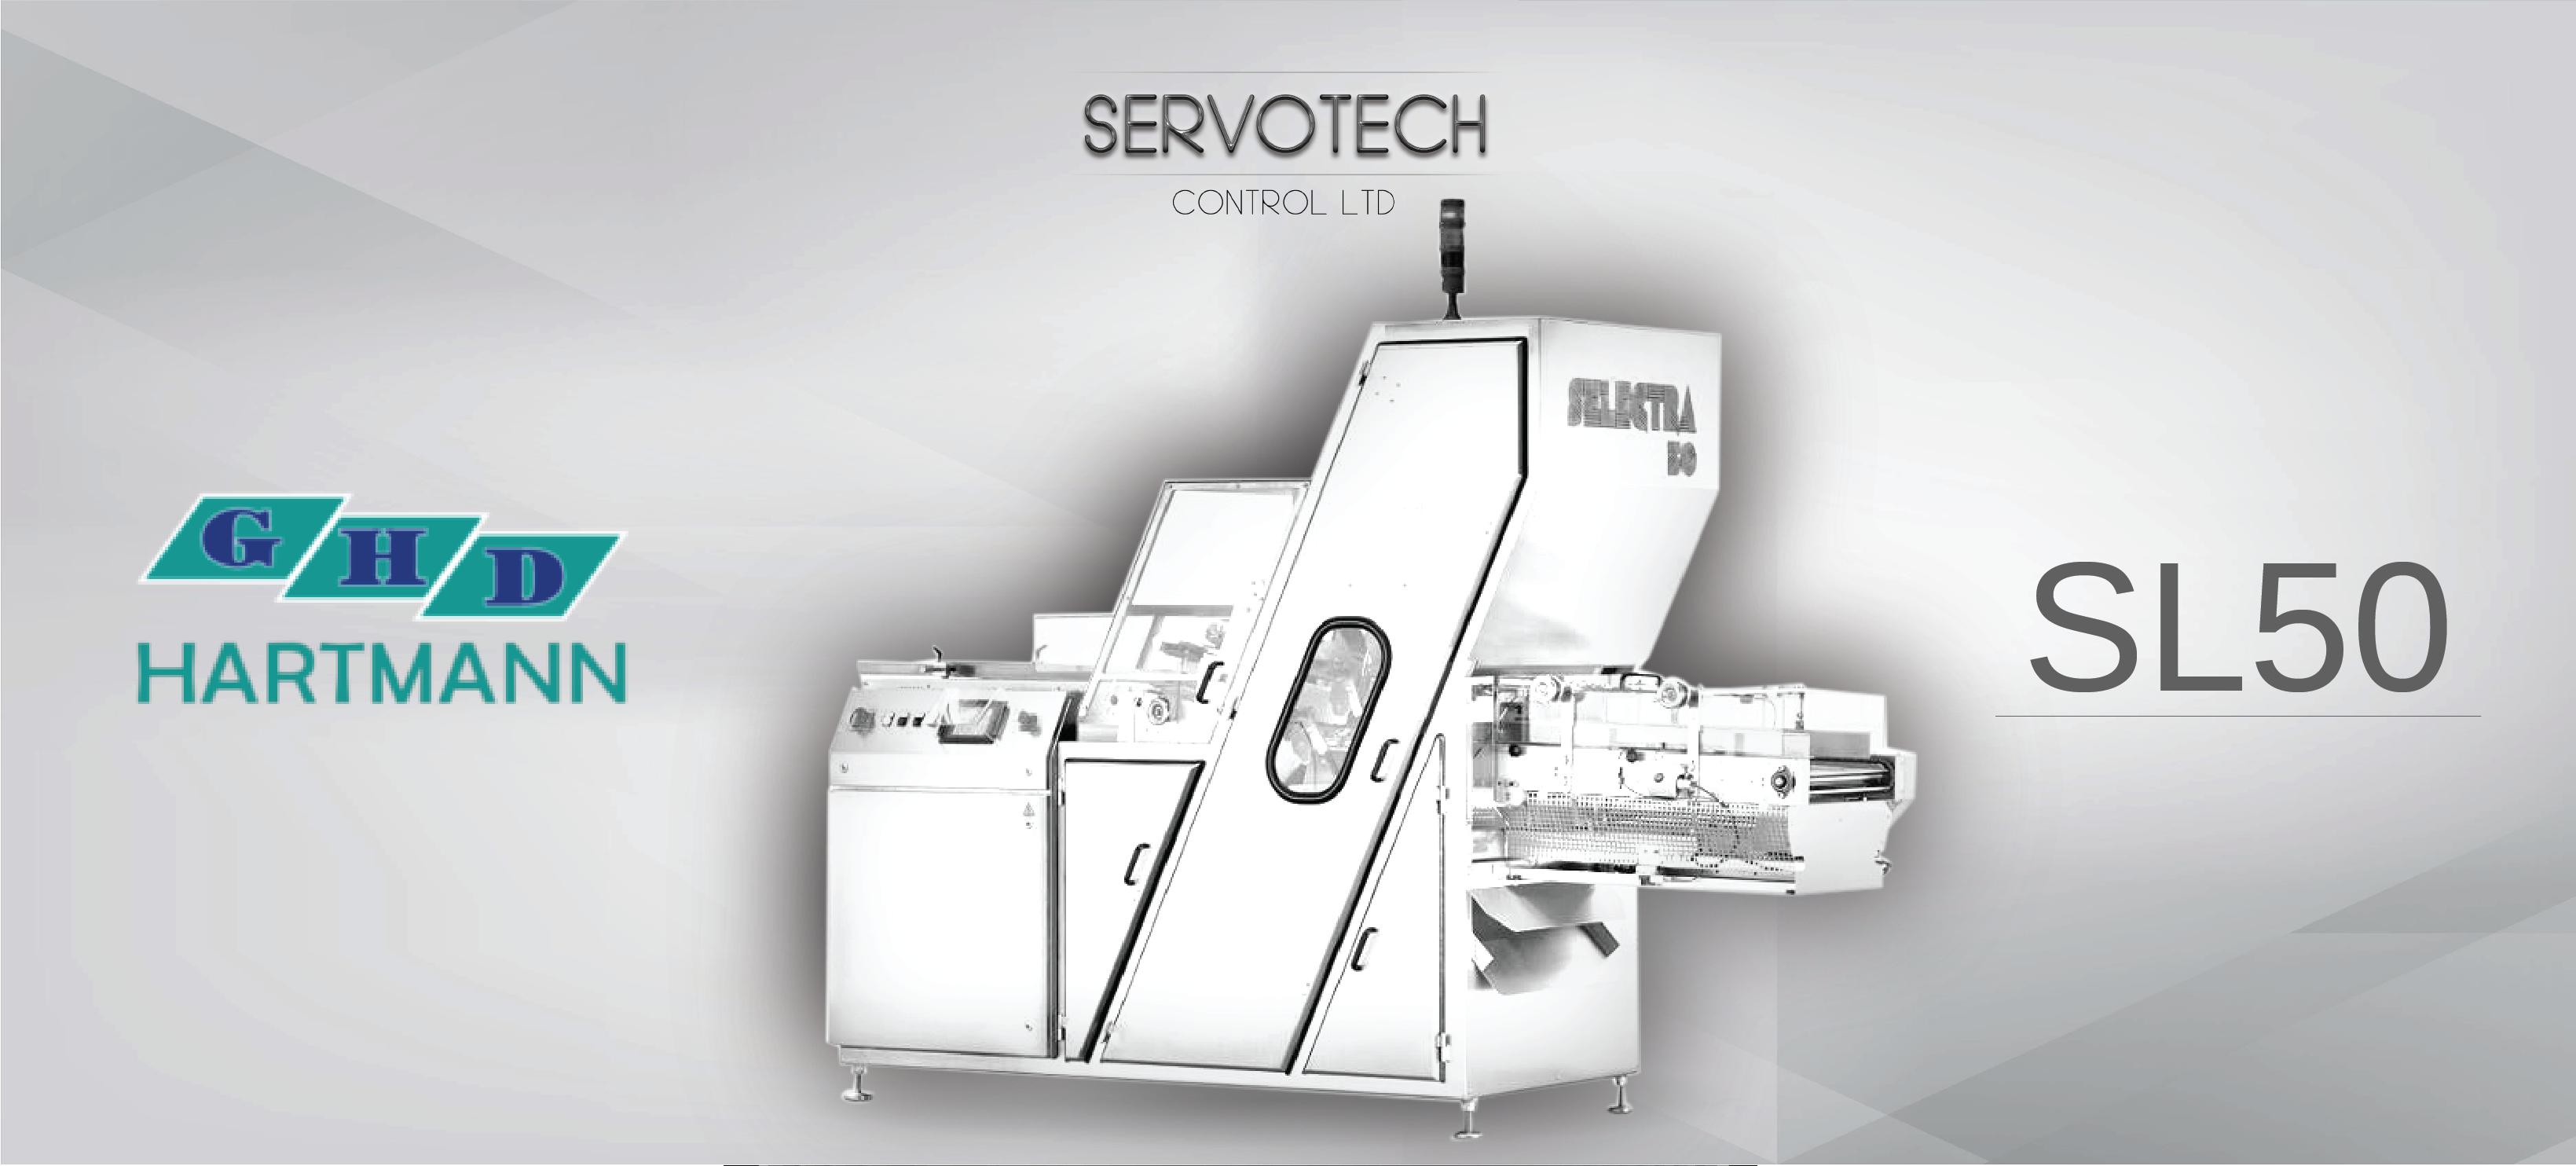 Hartmann_SL50_Servotech_Sketch